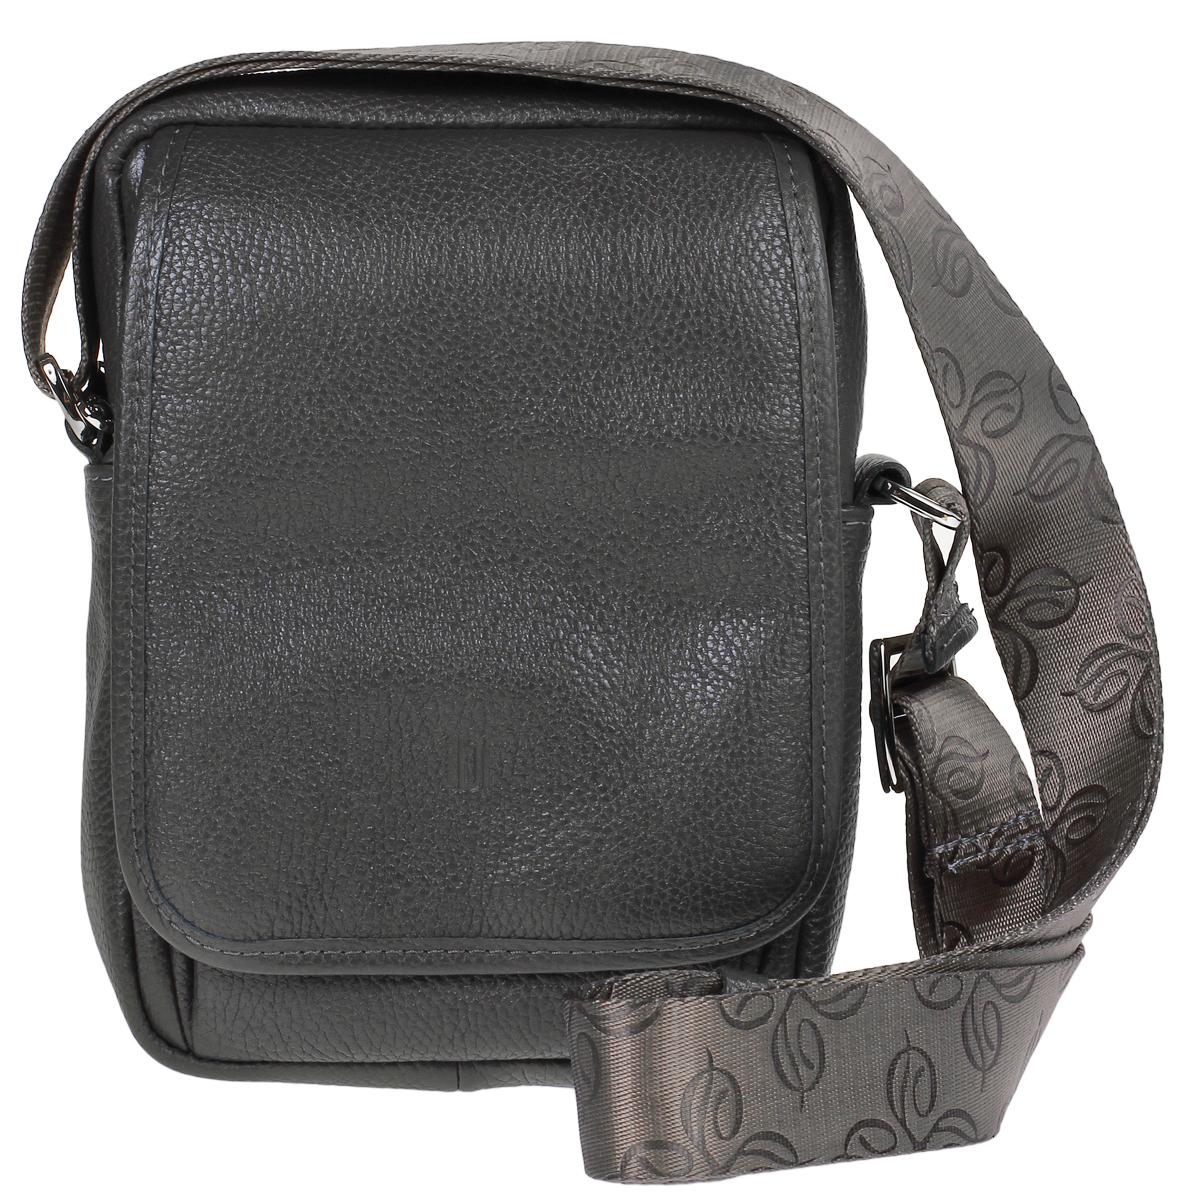 Сумка женская Dimanche Classic, цвет: серый. 508/24S76245Стильная женская сумка Dimanche Classic выполнена из натуральнойвысококачественной кожи серого цвета. Сумка имеет одно отделение изакрывается на застежку-молнию. Внутри - накладной кармашек. На внешней стороне сумки расположен кармашек, который закрывается на молнию и дополнительно клапаном. На задней стороне сумки расположен вшитый кармашек на молнии. Внутри расположено два кармашка для телефона или мелочей. Сумка оснащена ручкой лентой. Фурнитура - серебристого цвета. Сумка упакована в фирменный текстильный мешок.Сумка женская Dimanche Shop Bag подчеркнет вашу яркуюиндивидуальность и сделает образ завершенным. Характеристики: Материал: натуральная кожа, текстиль, металл. Цвет: серый. Размер сумки: 22 см х 16 см х 7 см. Длина плечевого ремня: 75 см.